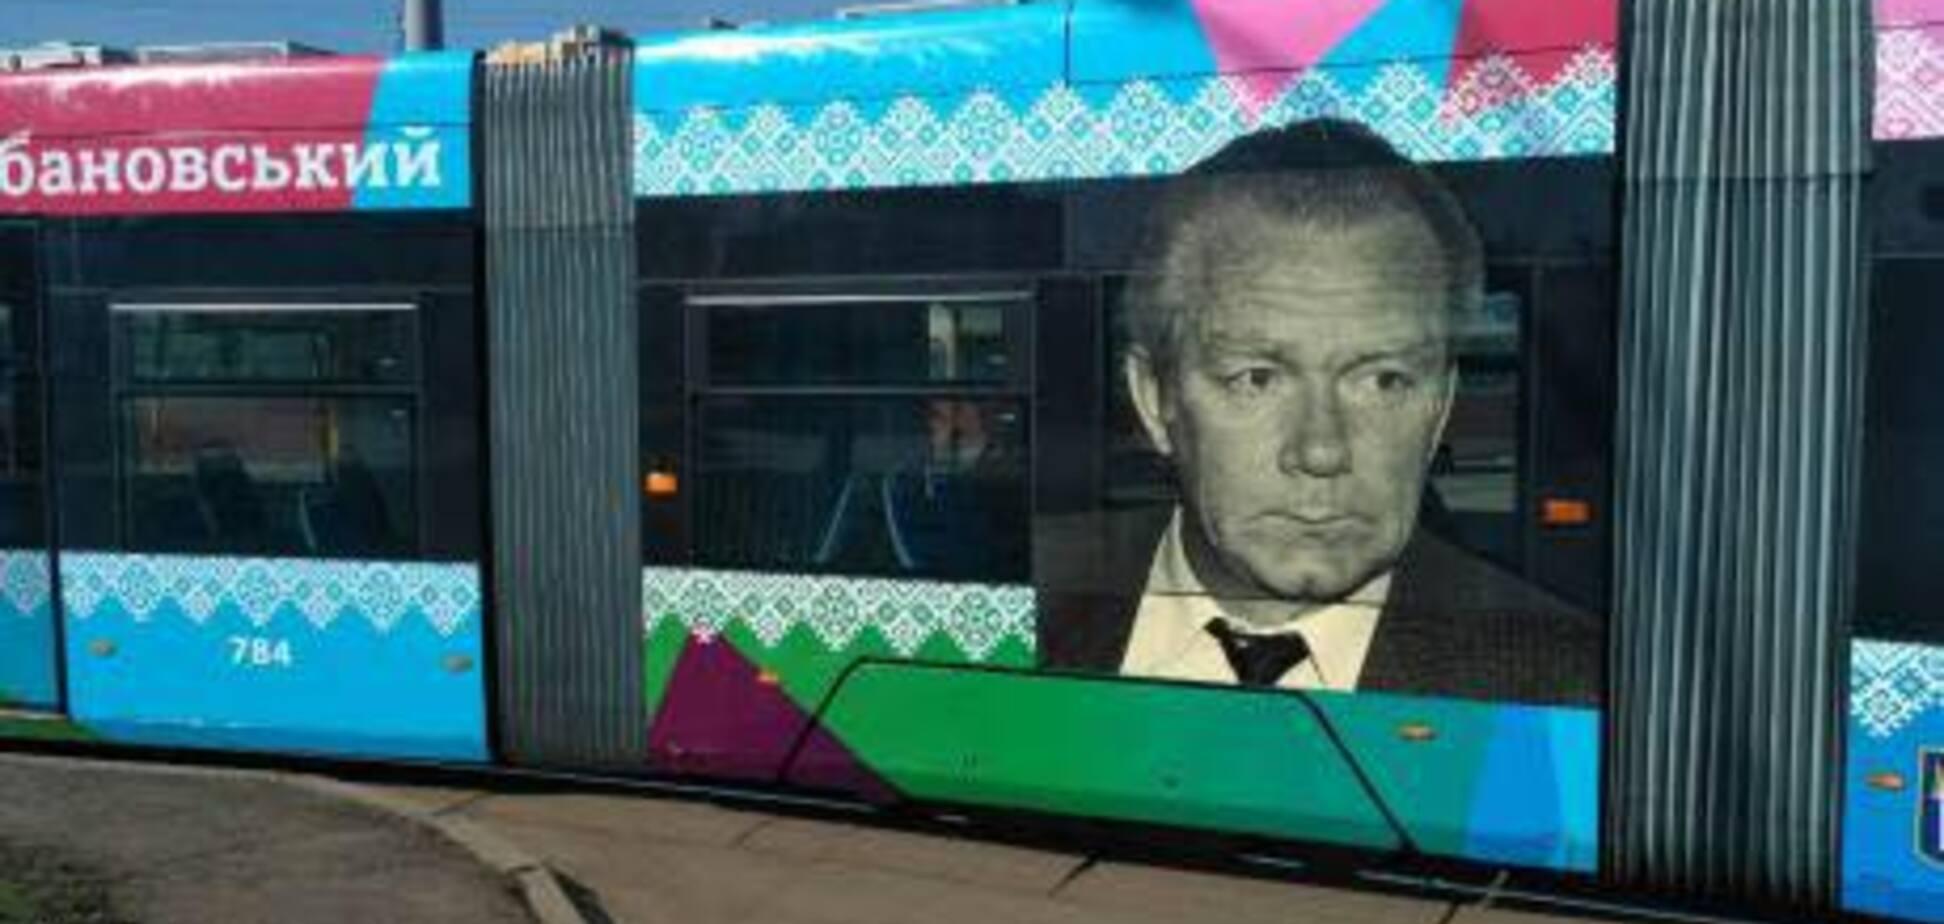 Киевские трамваи с портретами